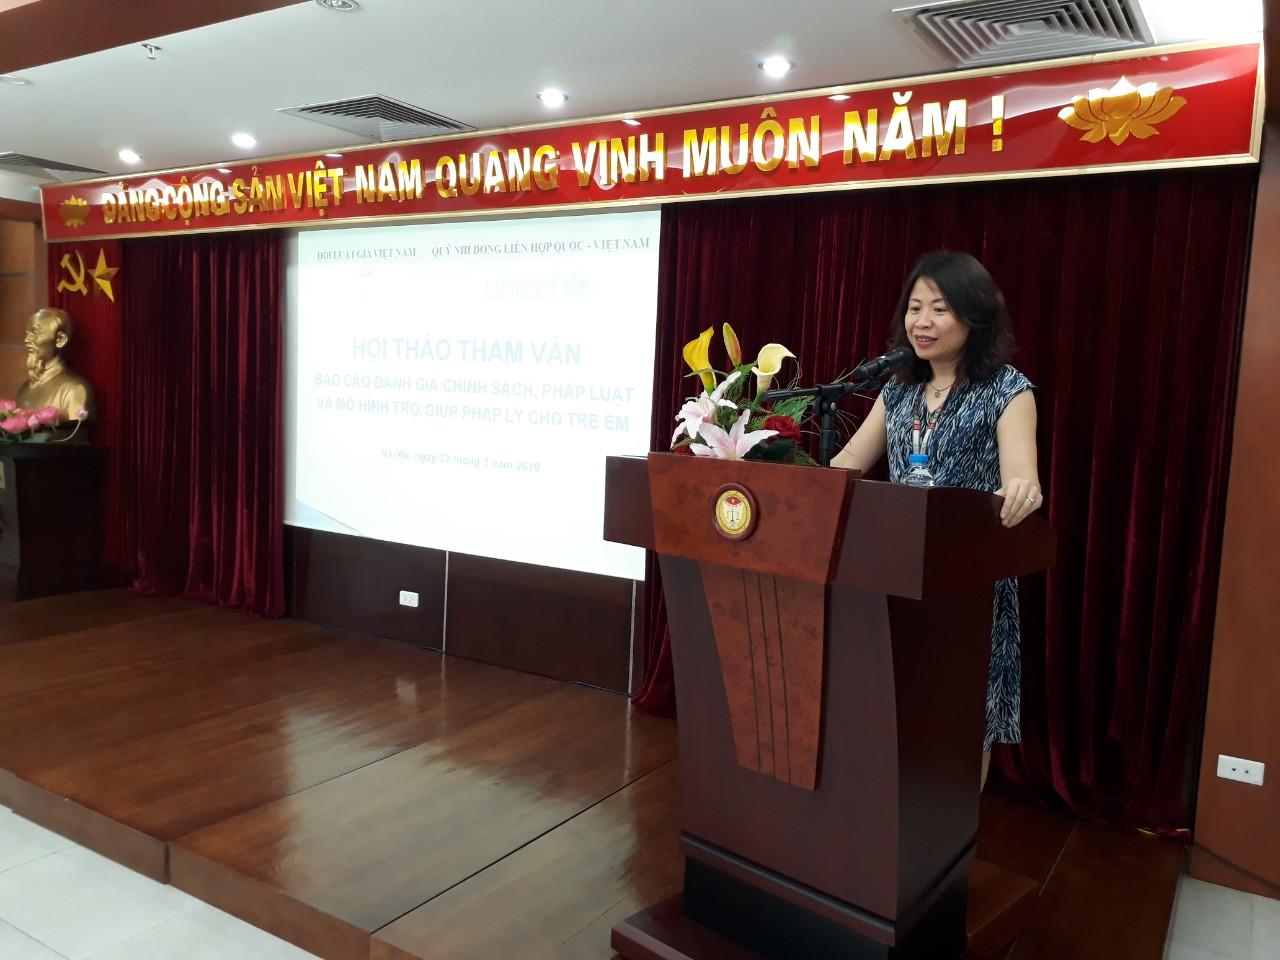 Hội thảo về Báo cáo đánh giá chính sách, pháp luật và mô hình trợ giúp pháp lý cho trẻ em - Ảnh 2